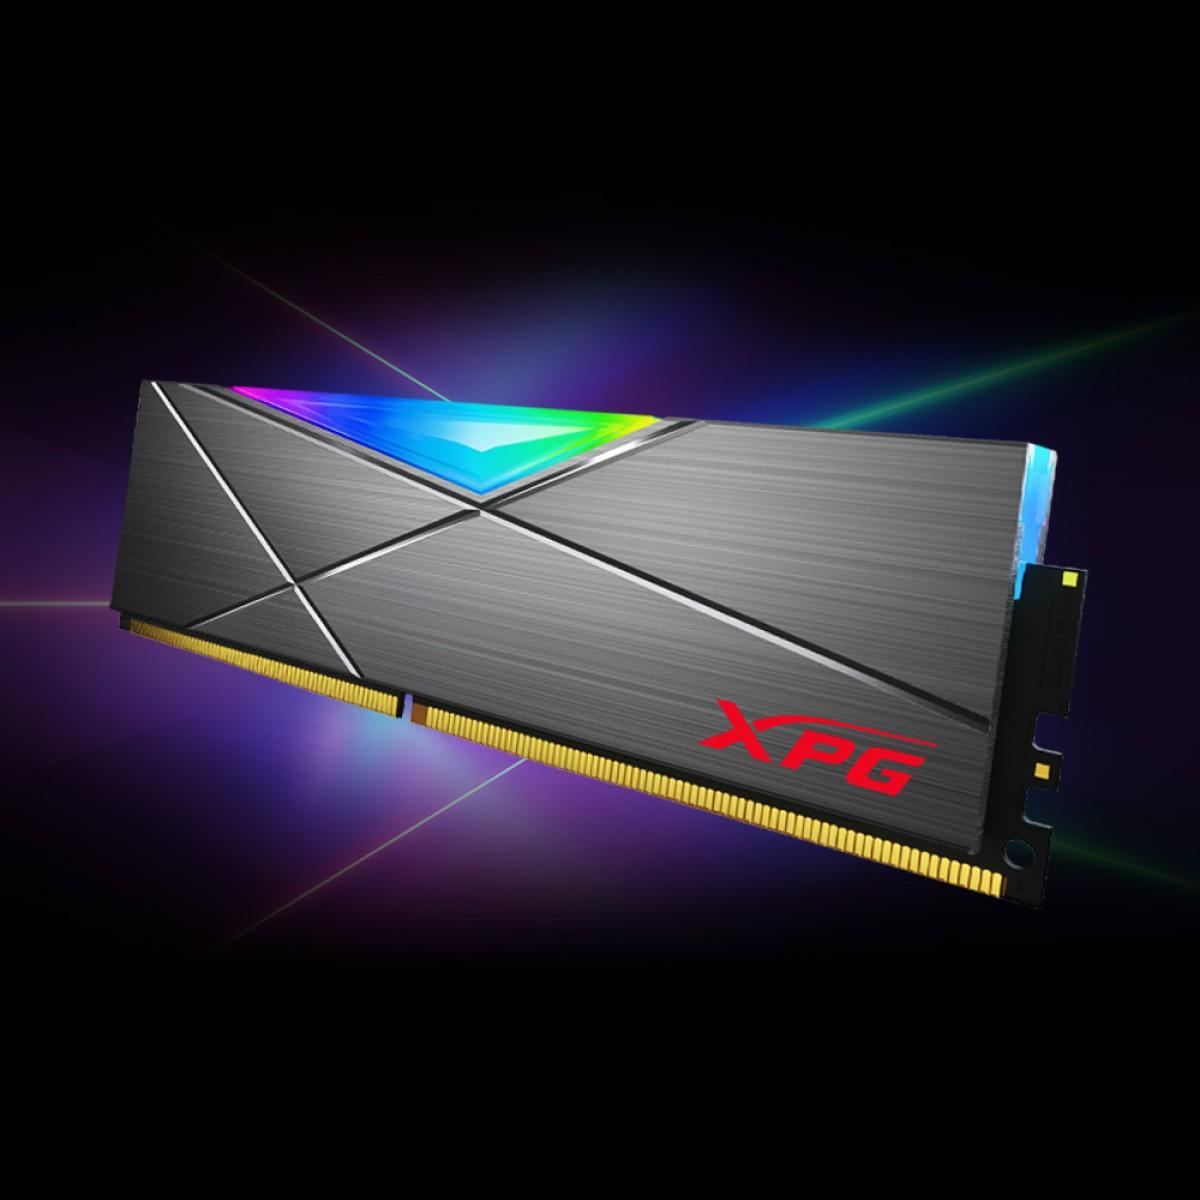 Memória DDR4 XPG Spectrix D50, 8GB, 3000Mhz, CL16, RGB, Gray, AX4U300088G16A-ST50